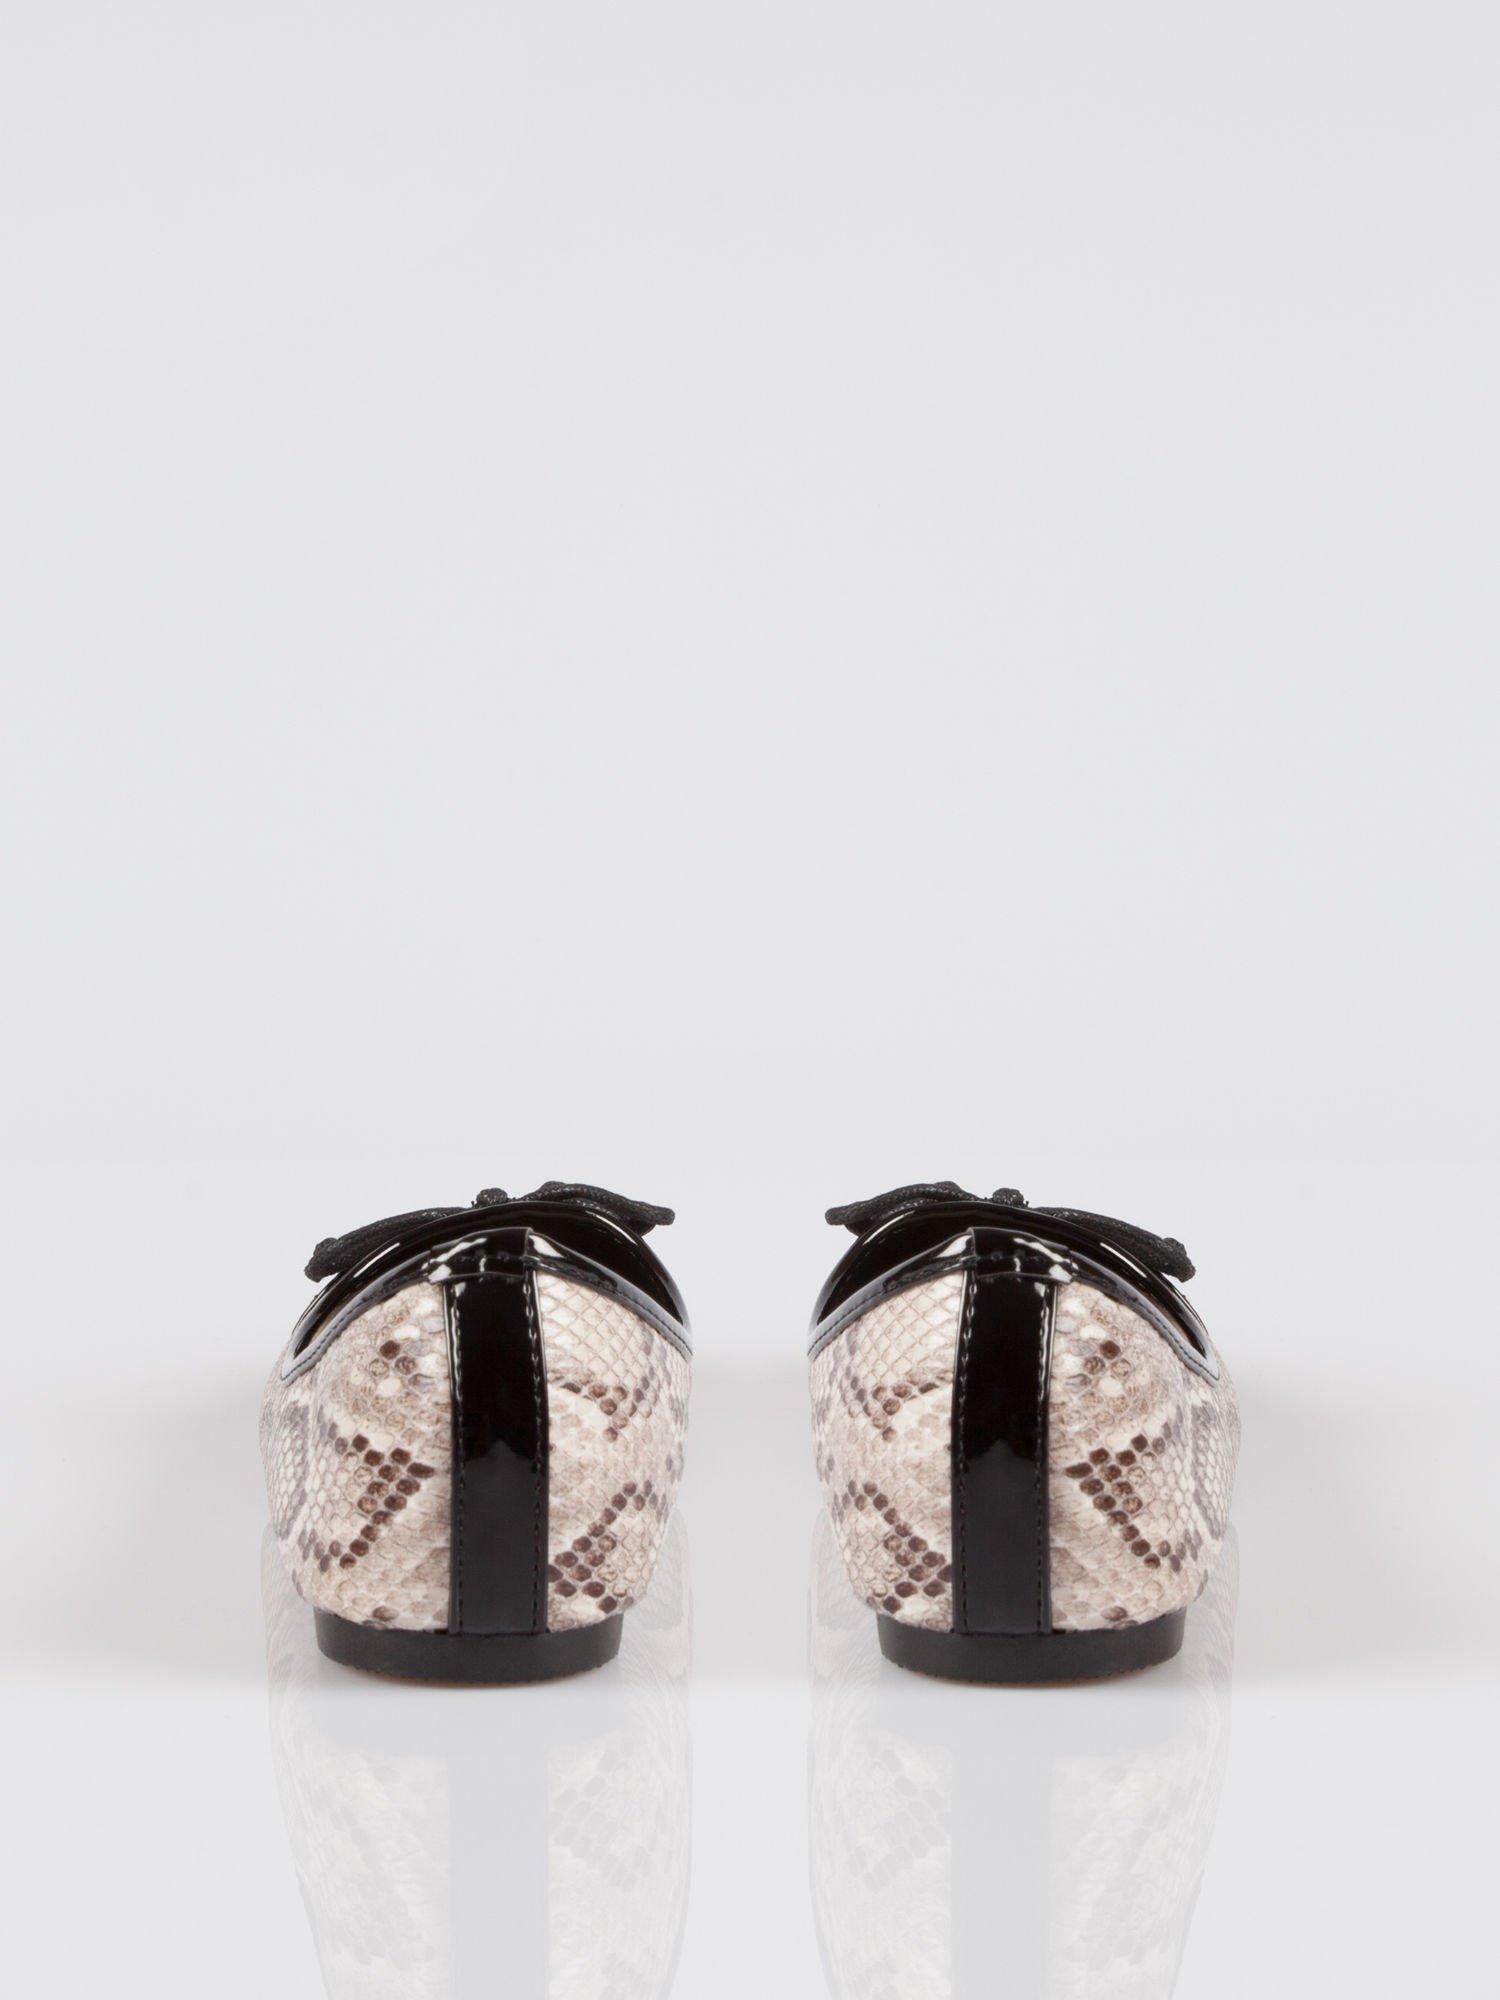 Wężowe baleriny animal pattern z czarnym lakierowanym czubkiem beżowe                                  zdj.                                  2